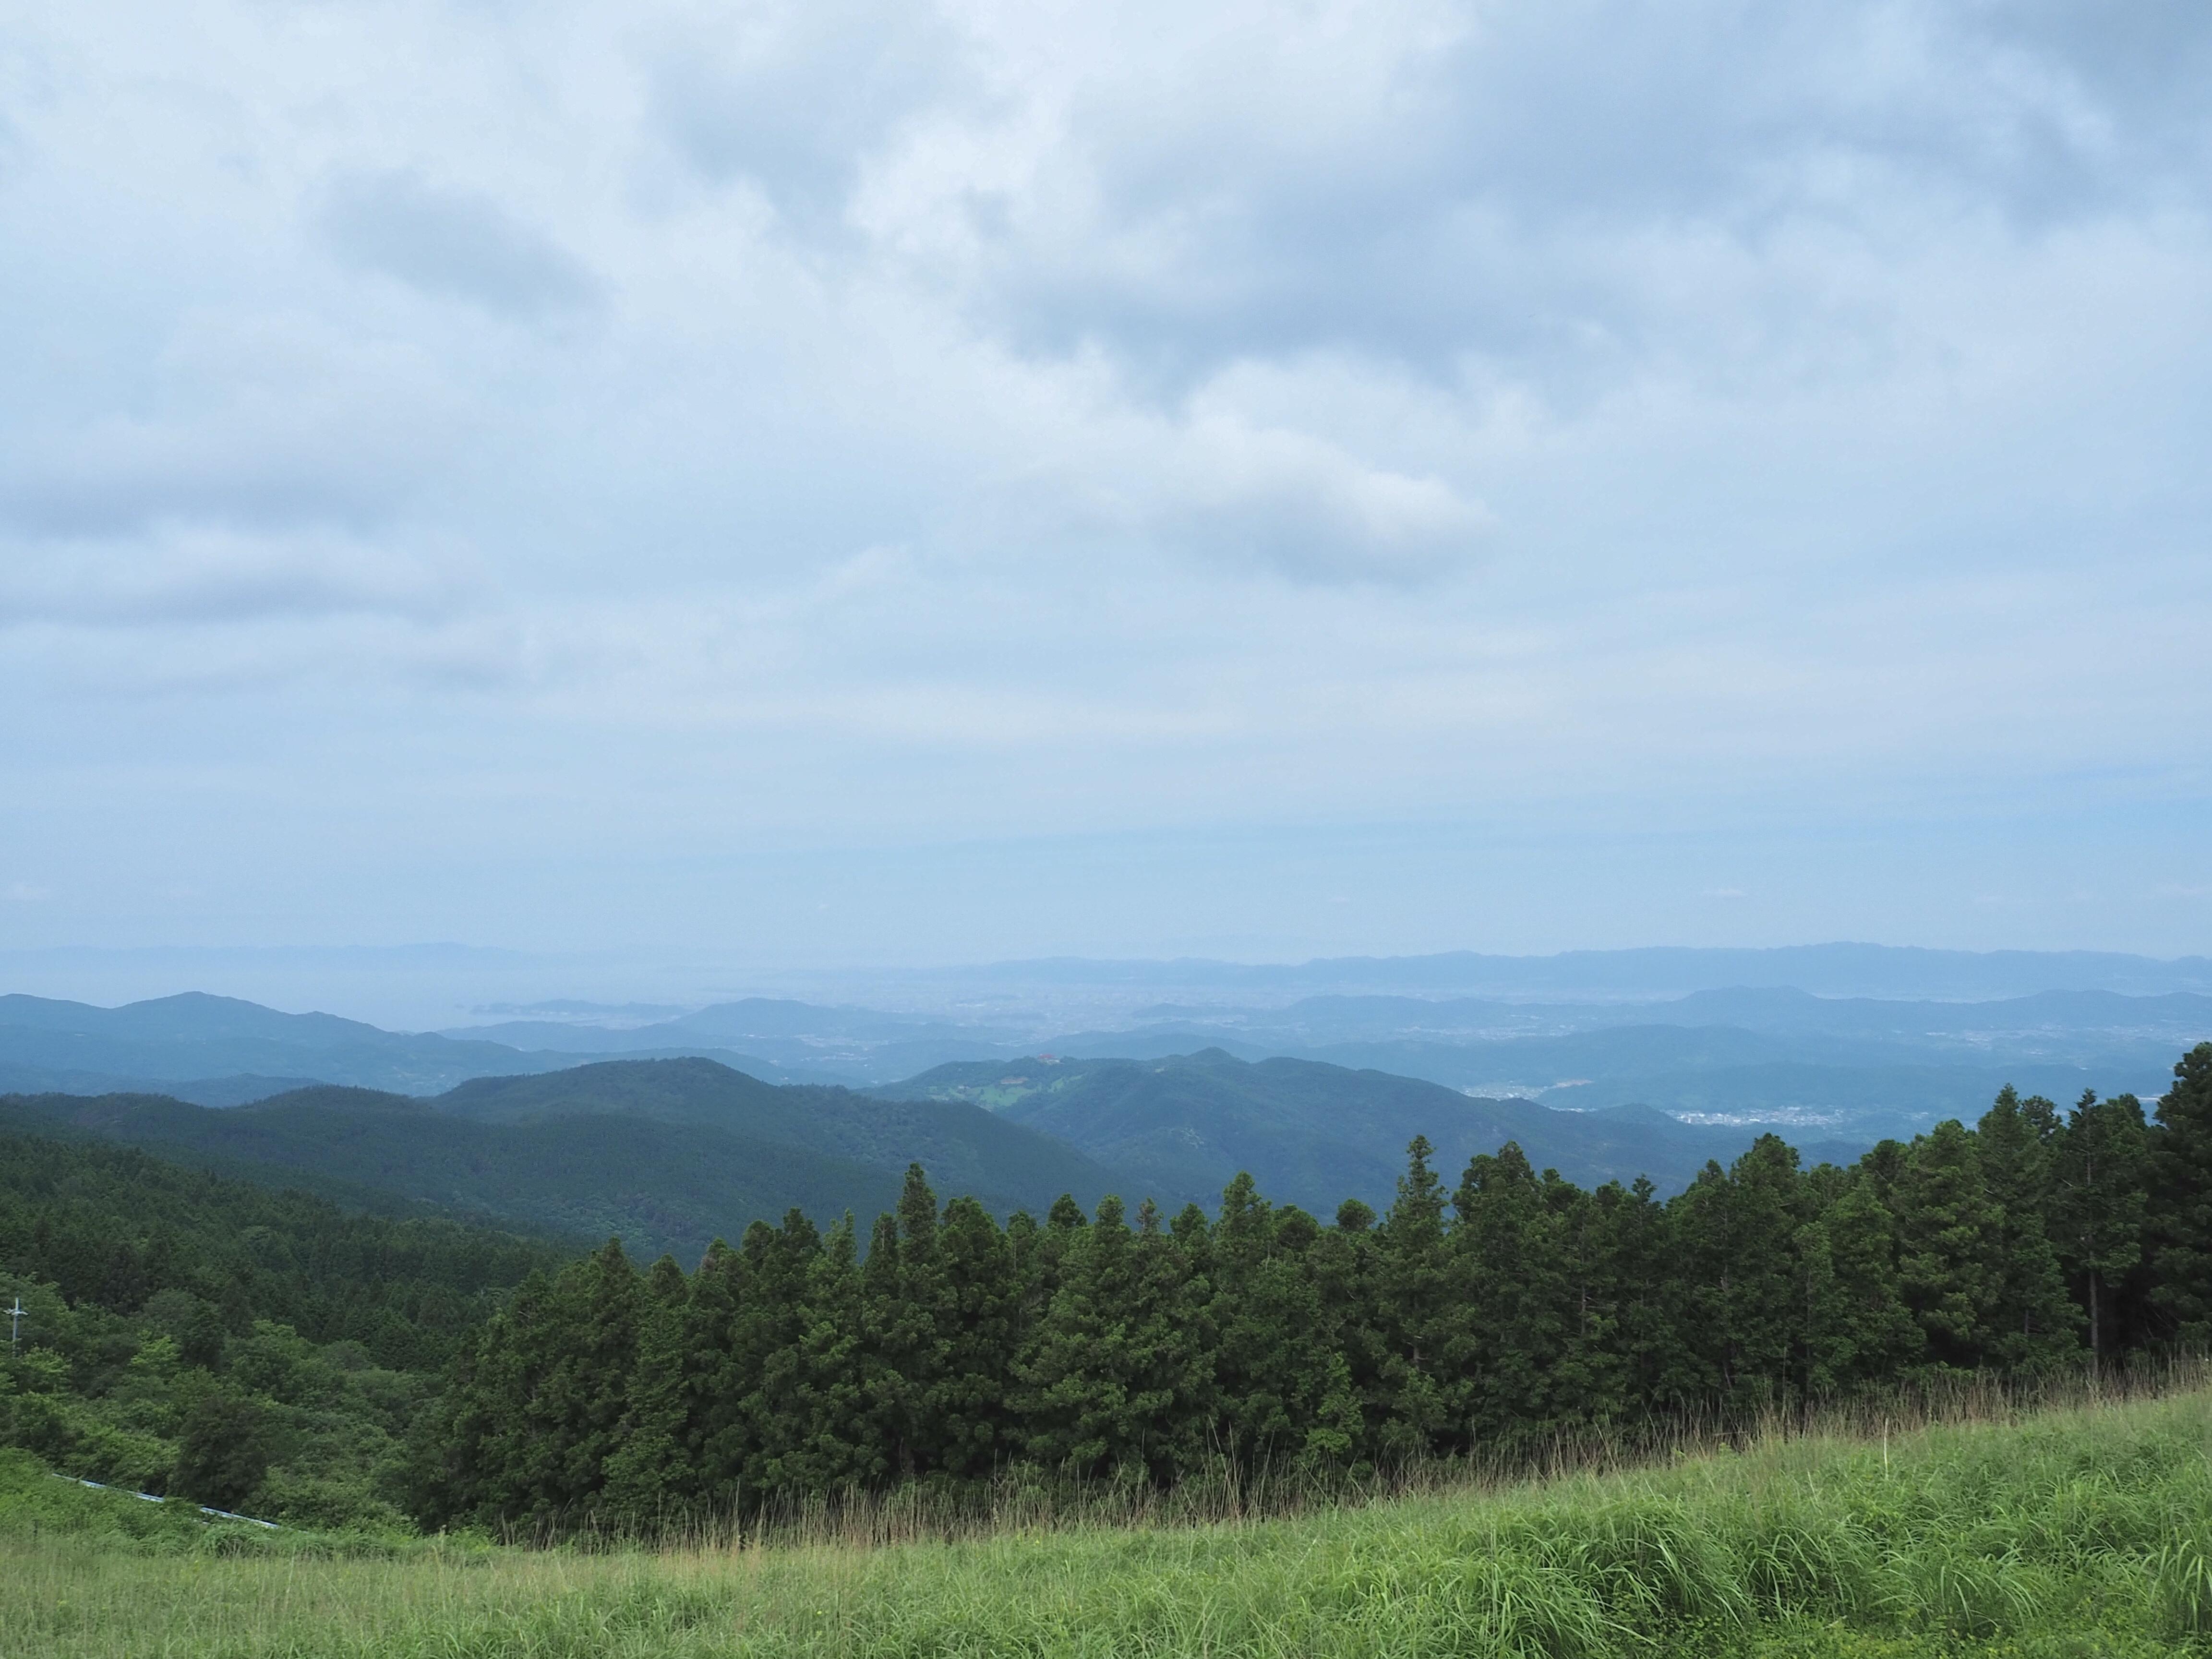 ぴーきち&ダイナ ハーレーブログ 和歌山有田ツーリング 生石高原の景色